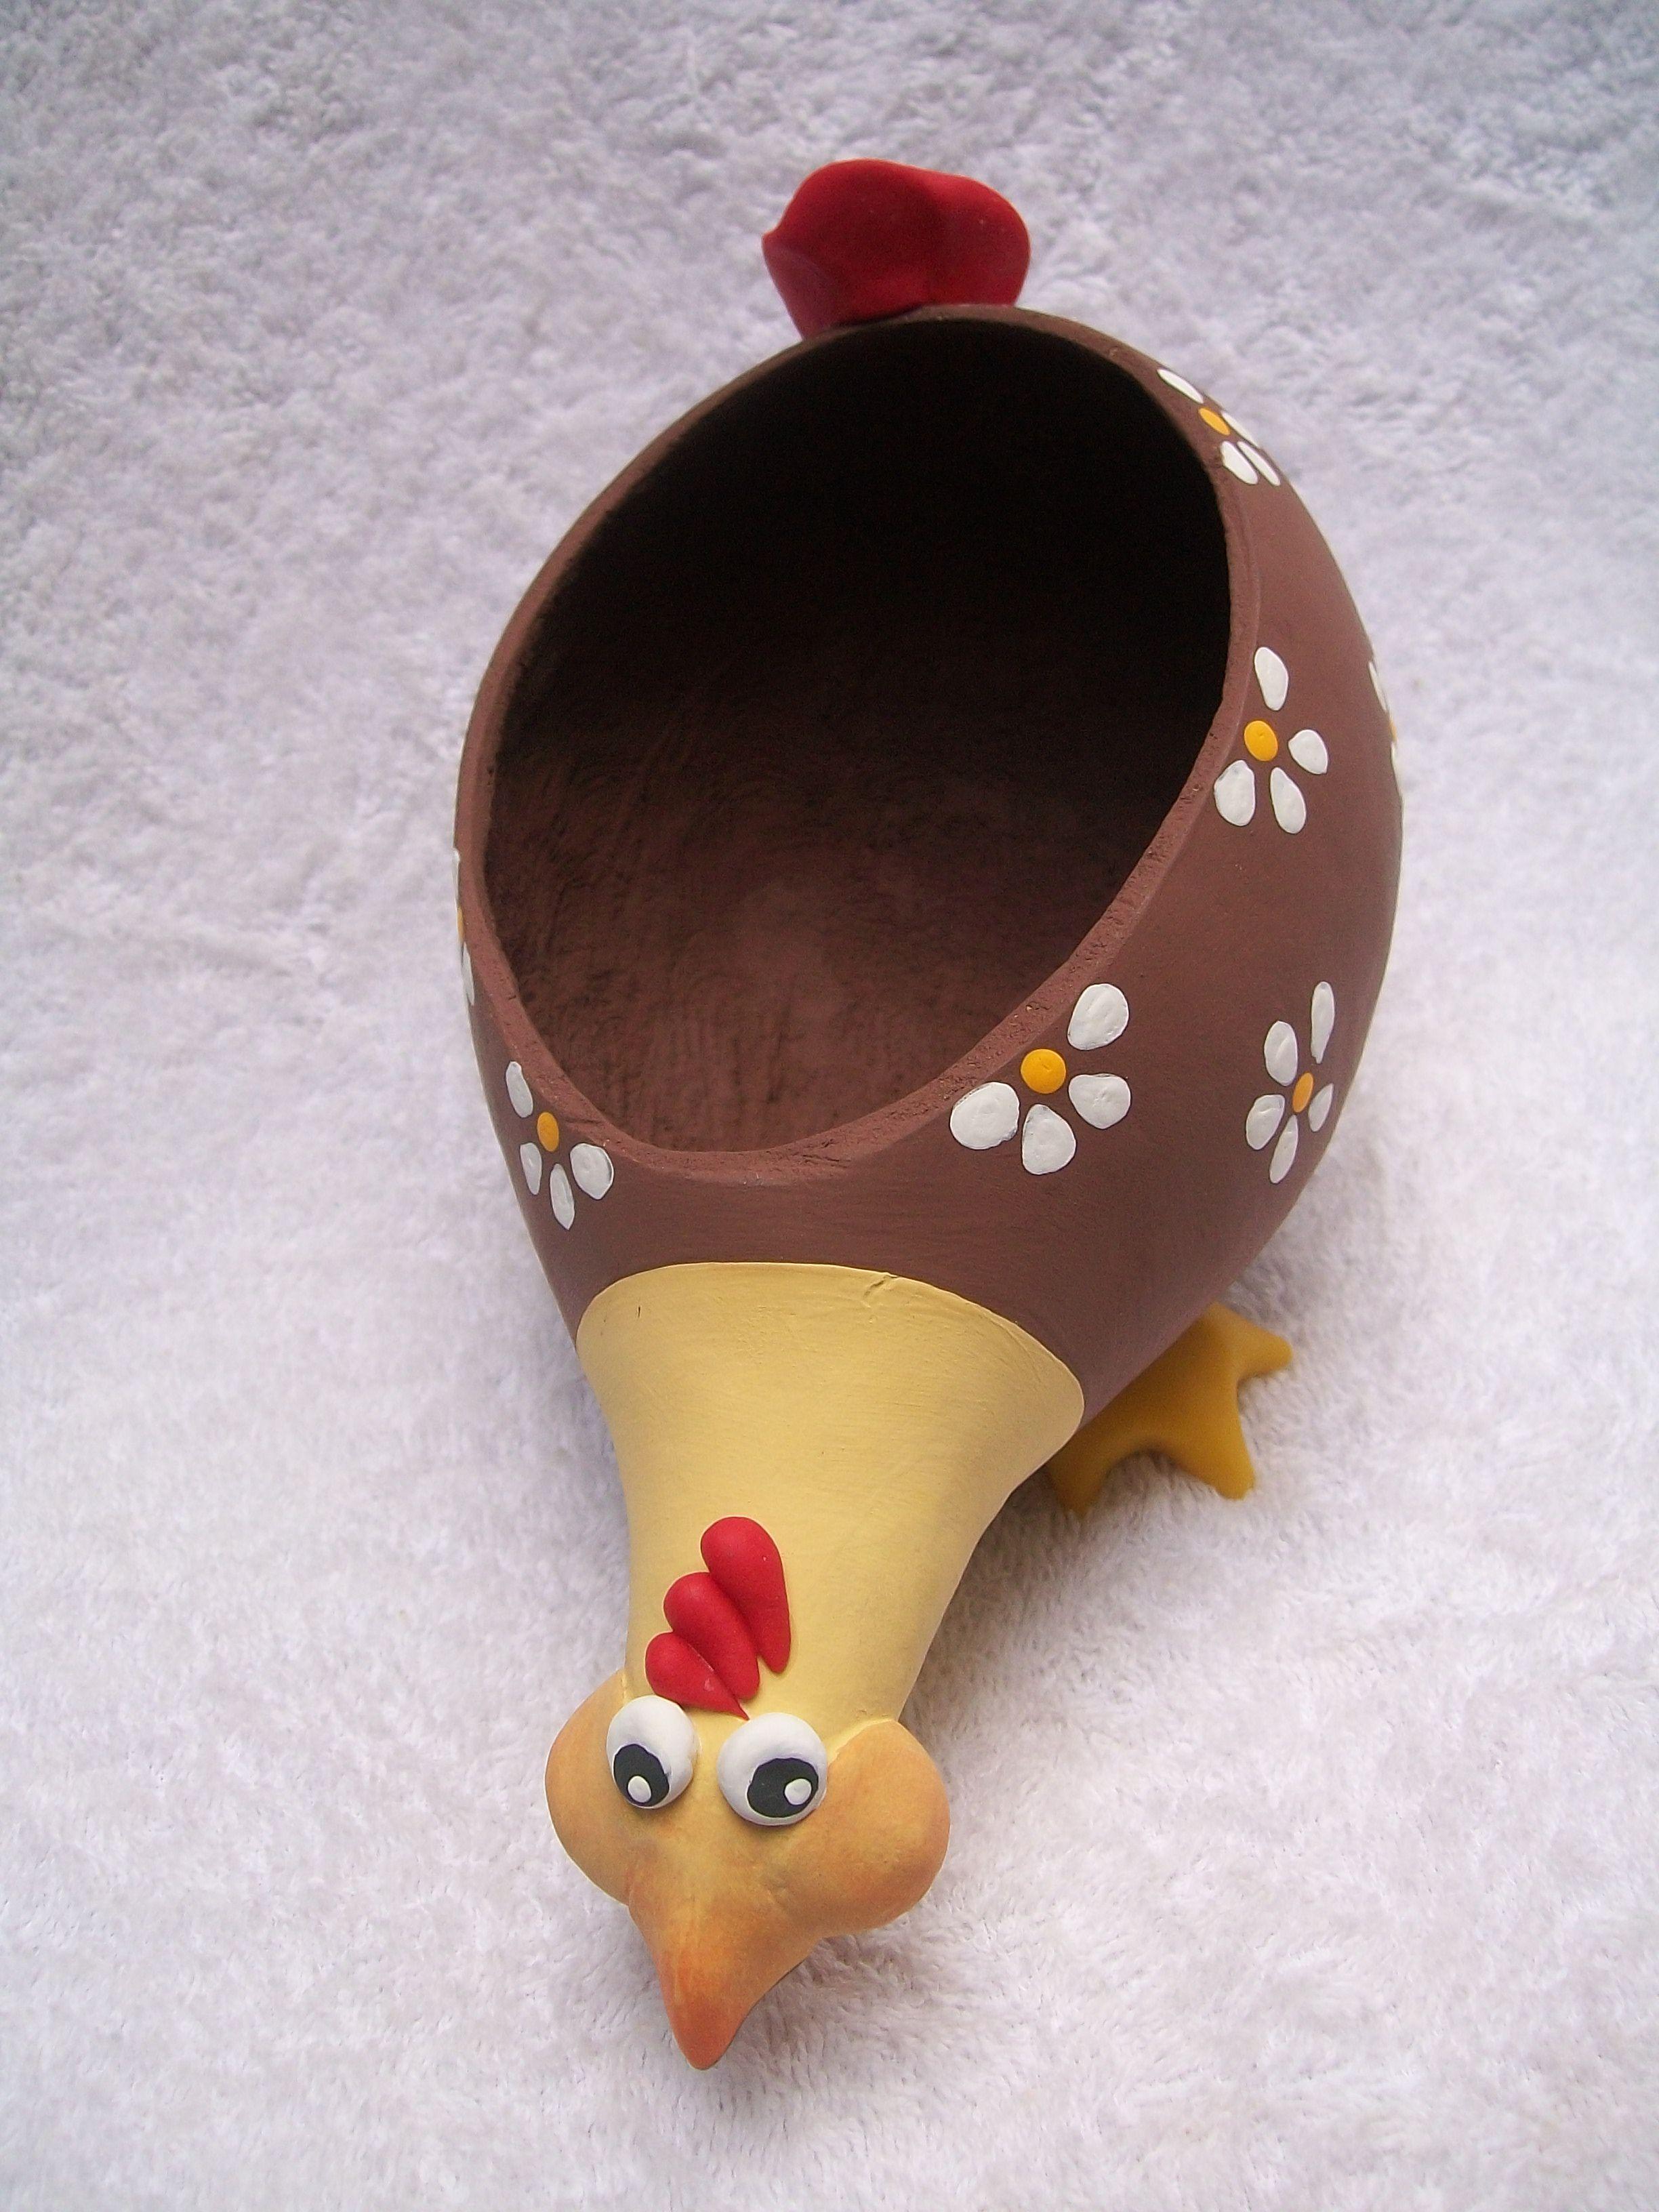 Excepcional artesanato galinhas em cabaça passo a passo - Pesquisa Google  PI51